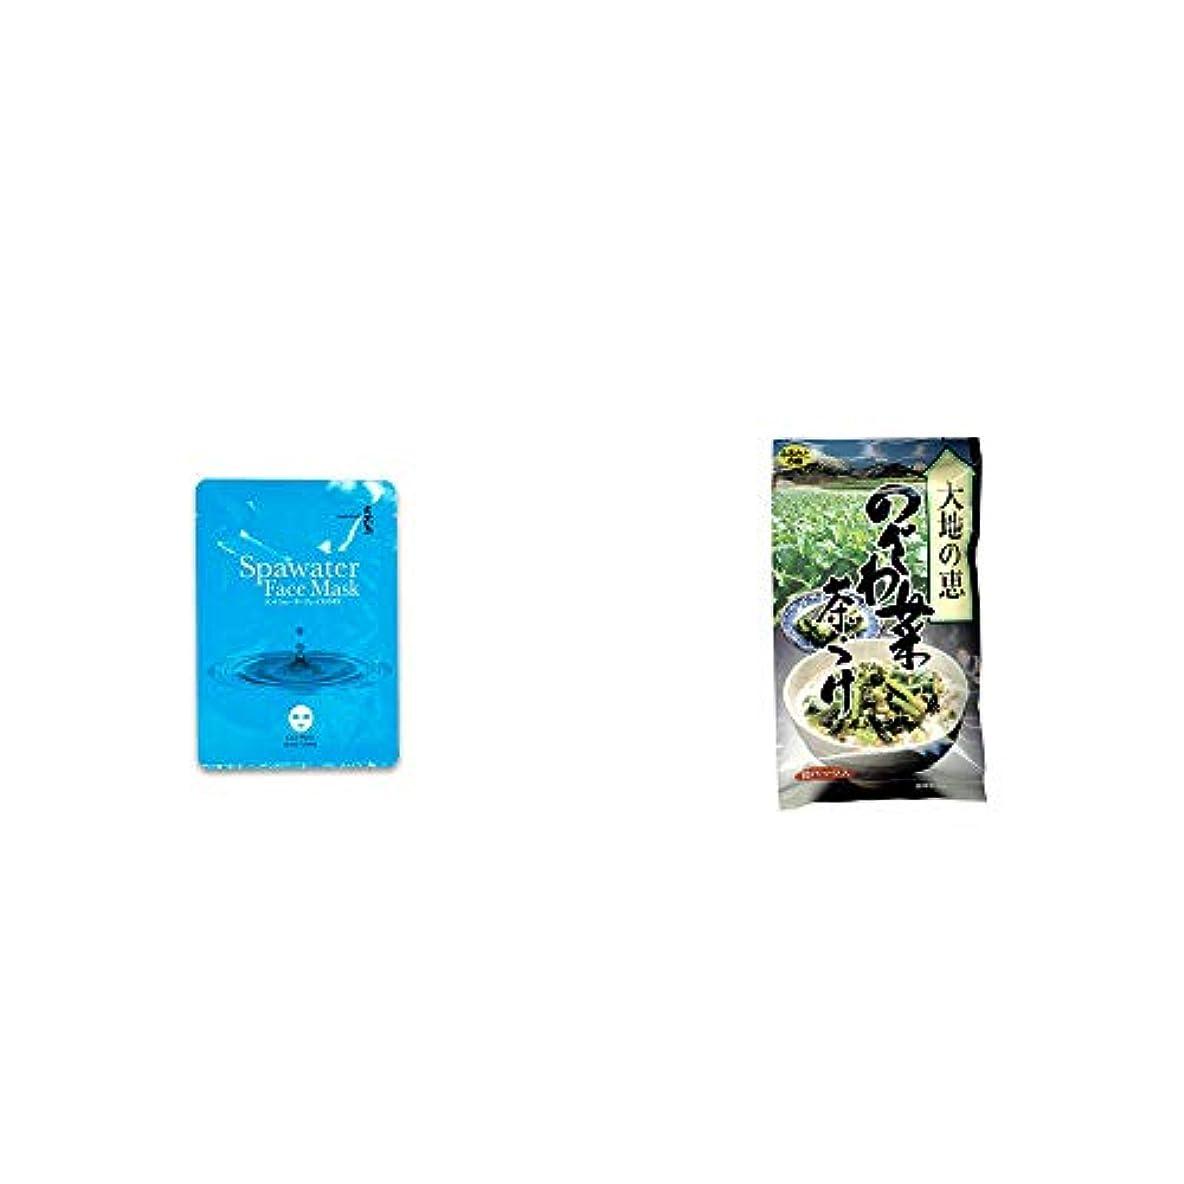 小道具百万おそらく[2点セット] ひのき炭黒泉 スパウォーターフェイスマスク(18ml×3枚入)?特選茶漬け 大地の恵 のざわ菜茶づけ(10袋入)